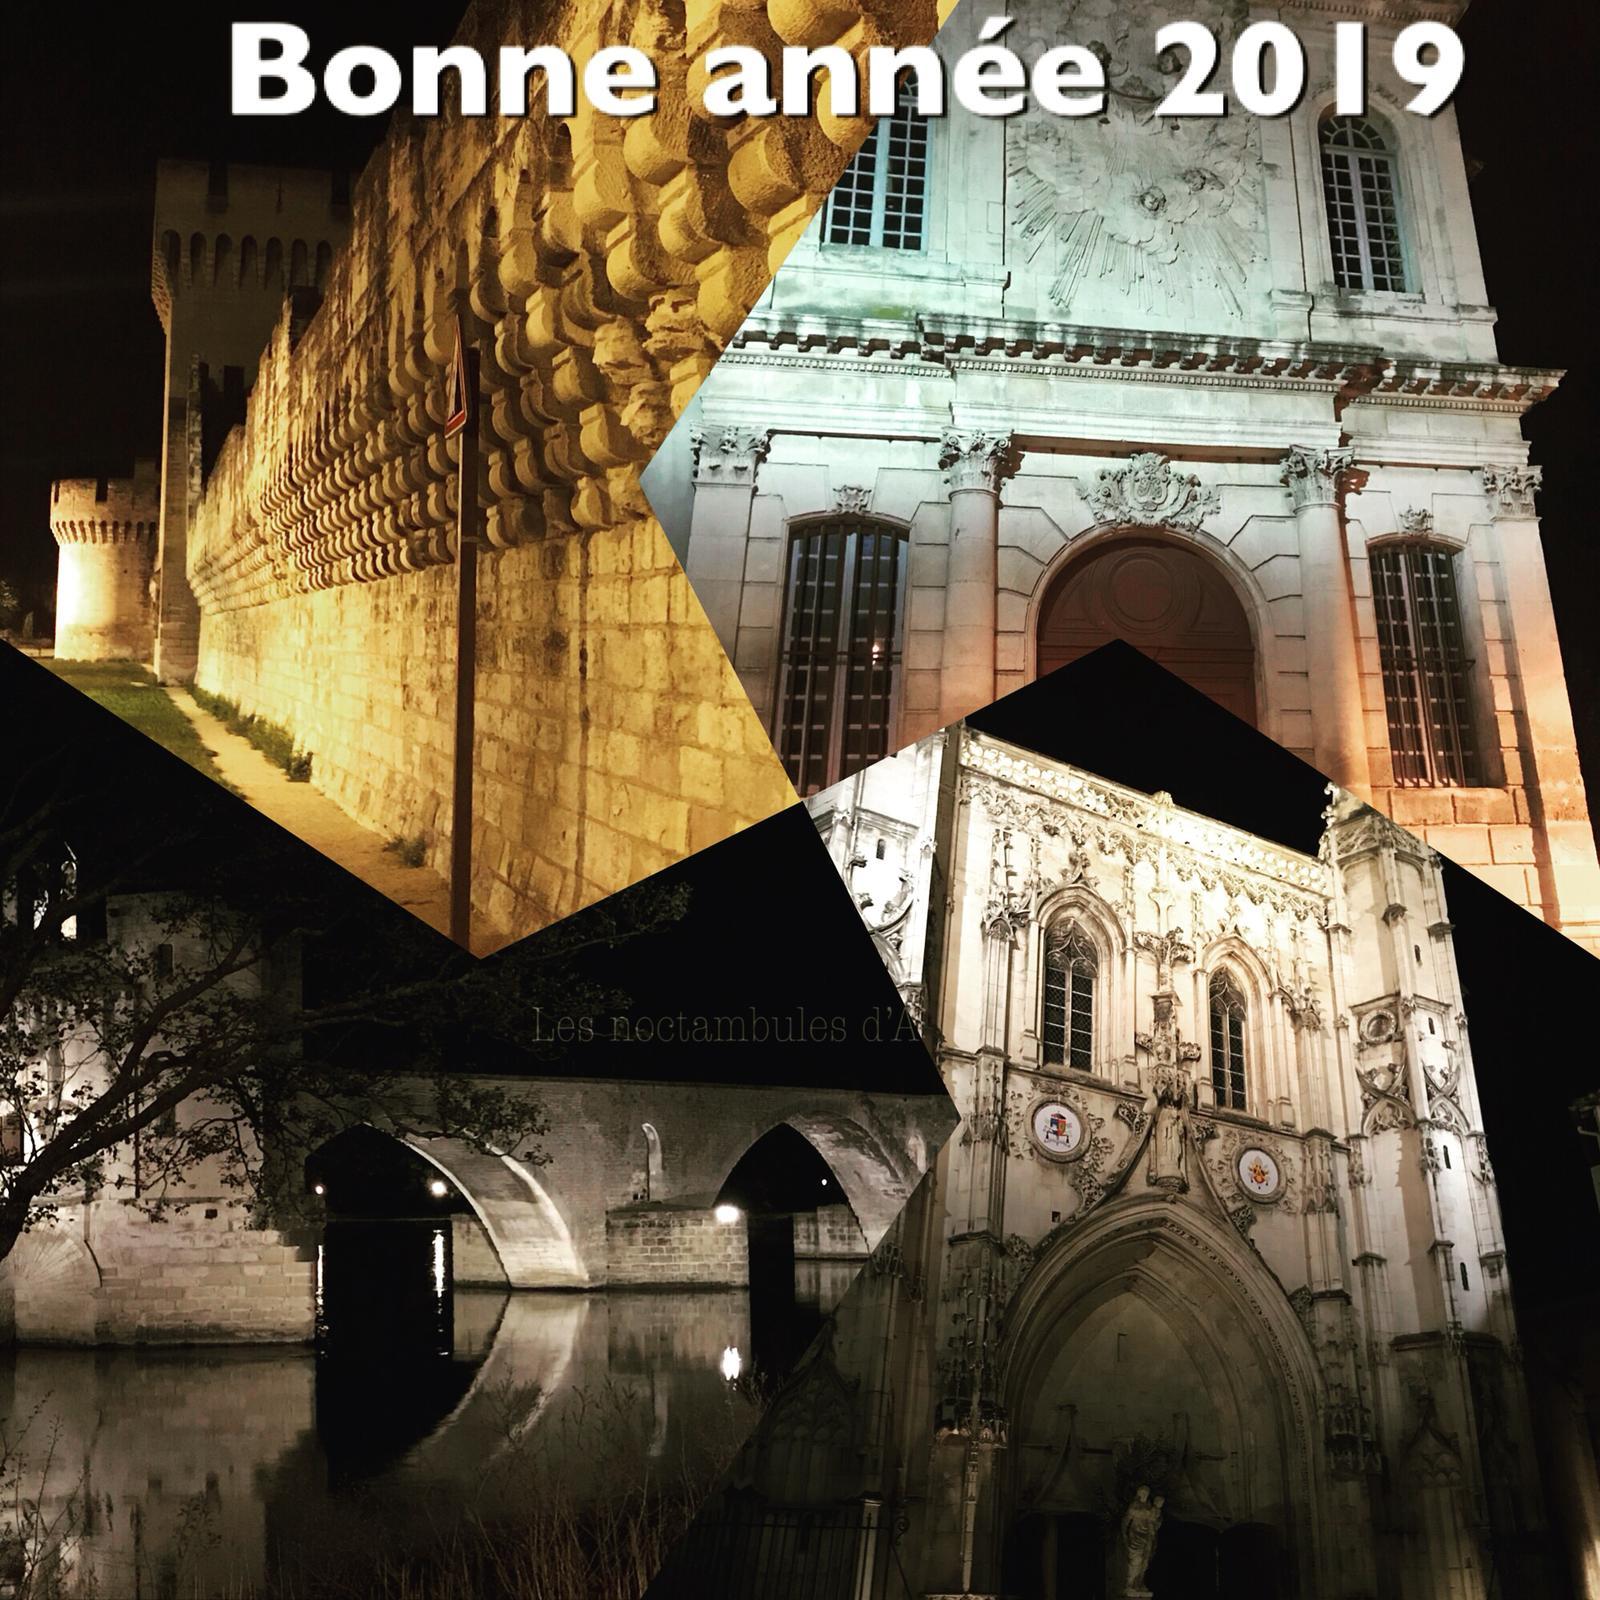 Nouveautés 2019: les noctambules d'Avignon vous souhaitent une bonne année